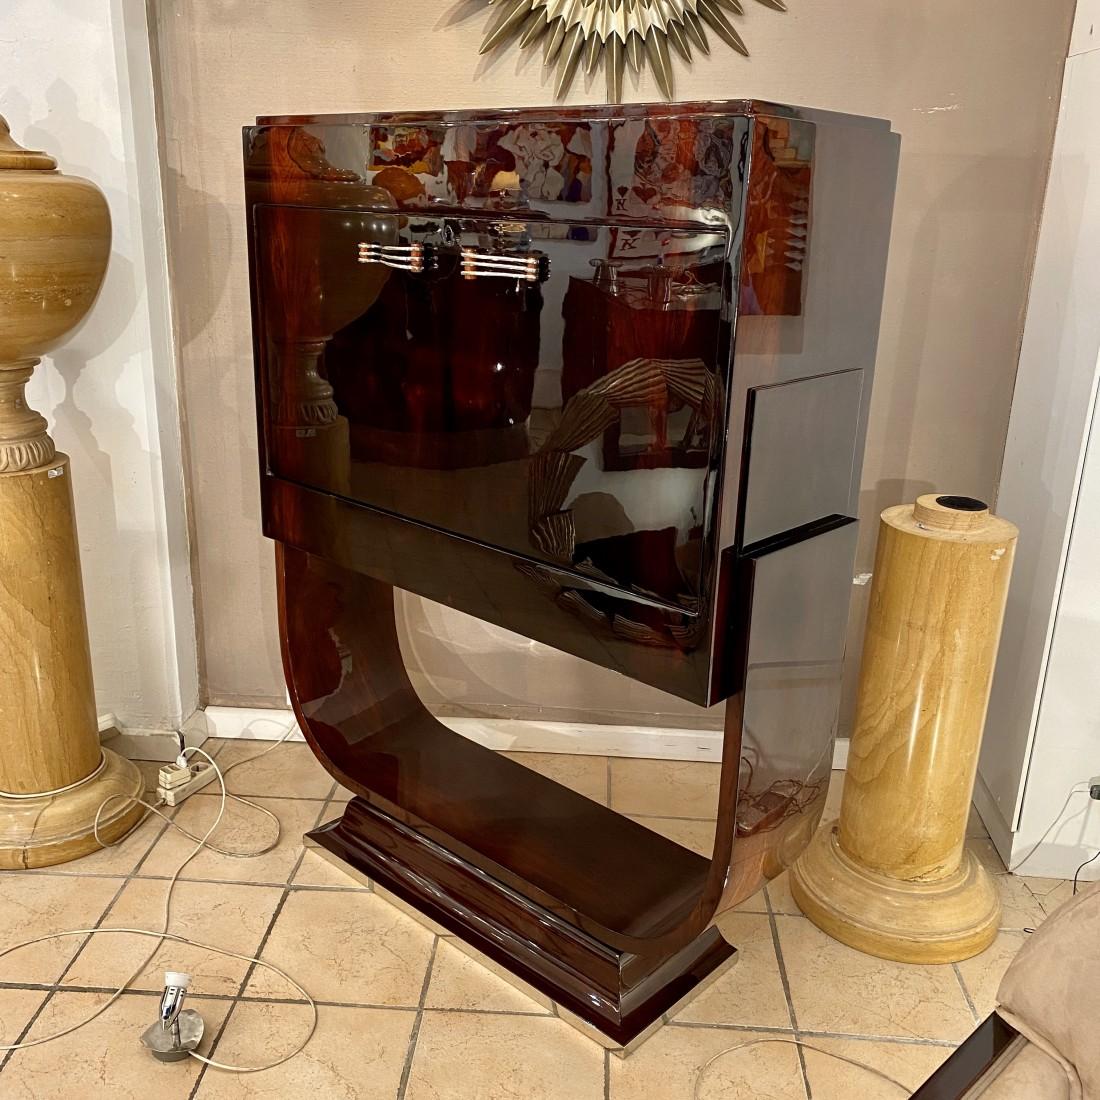 2*2cm Poign/ée de meubles 20pcs poign/ées de porte en fer antique classique forme de fleur de prunier tire avec anneau en m/étal poign/ées universelles de mat/ériel de meubles pour armoire /à tiroirs porte